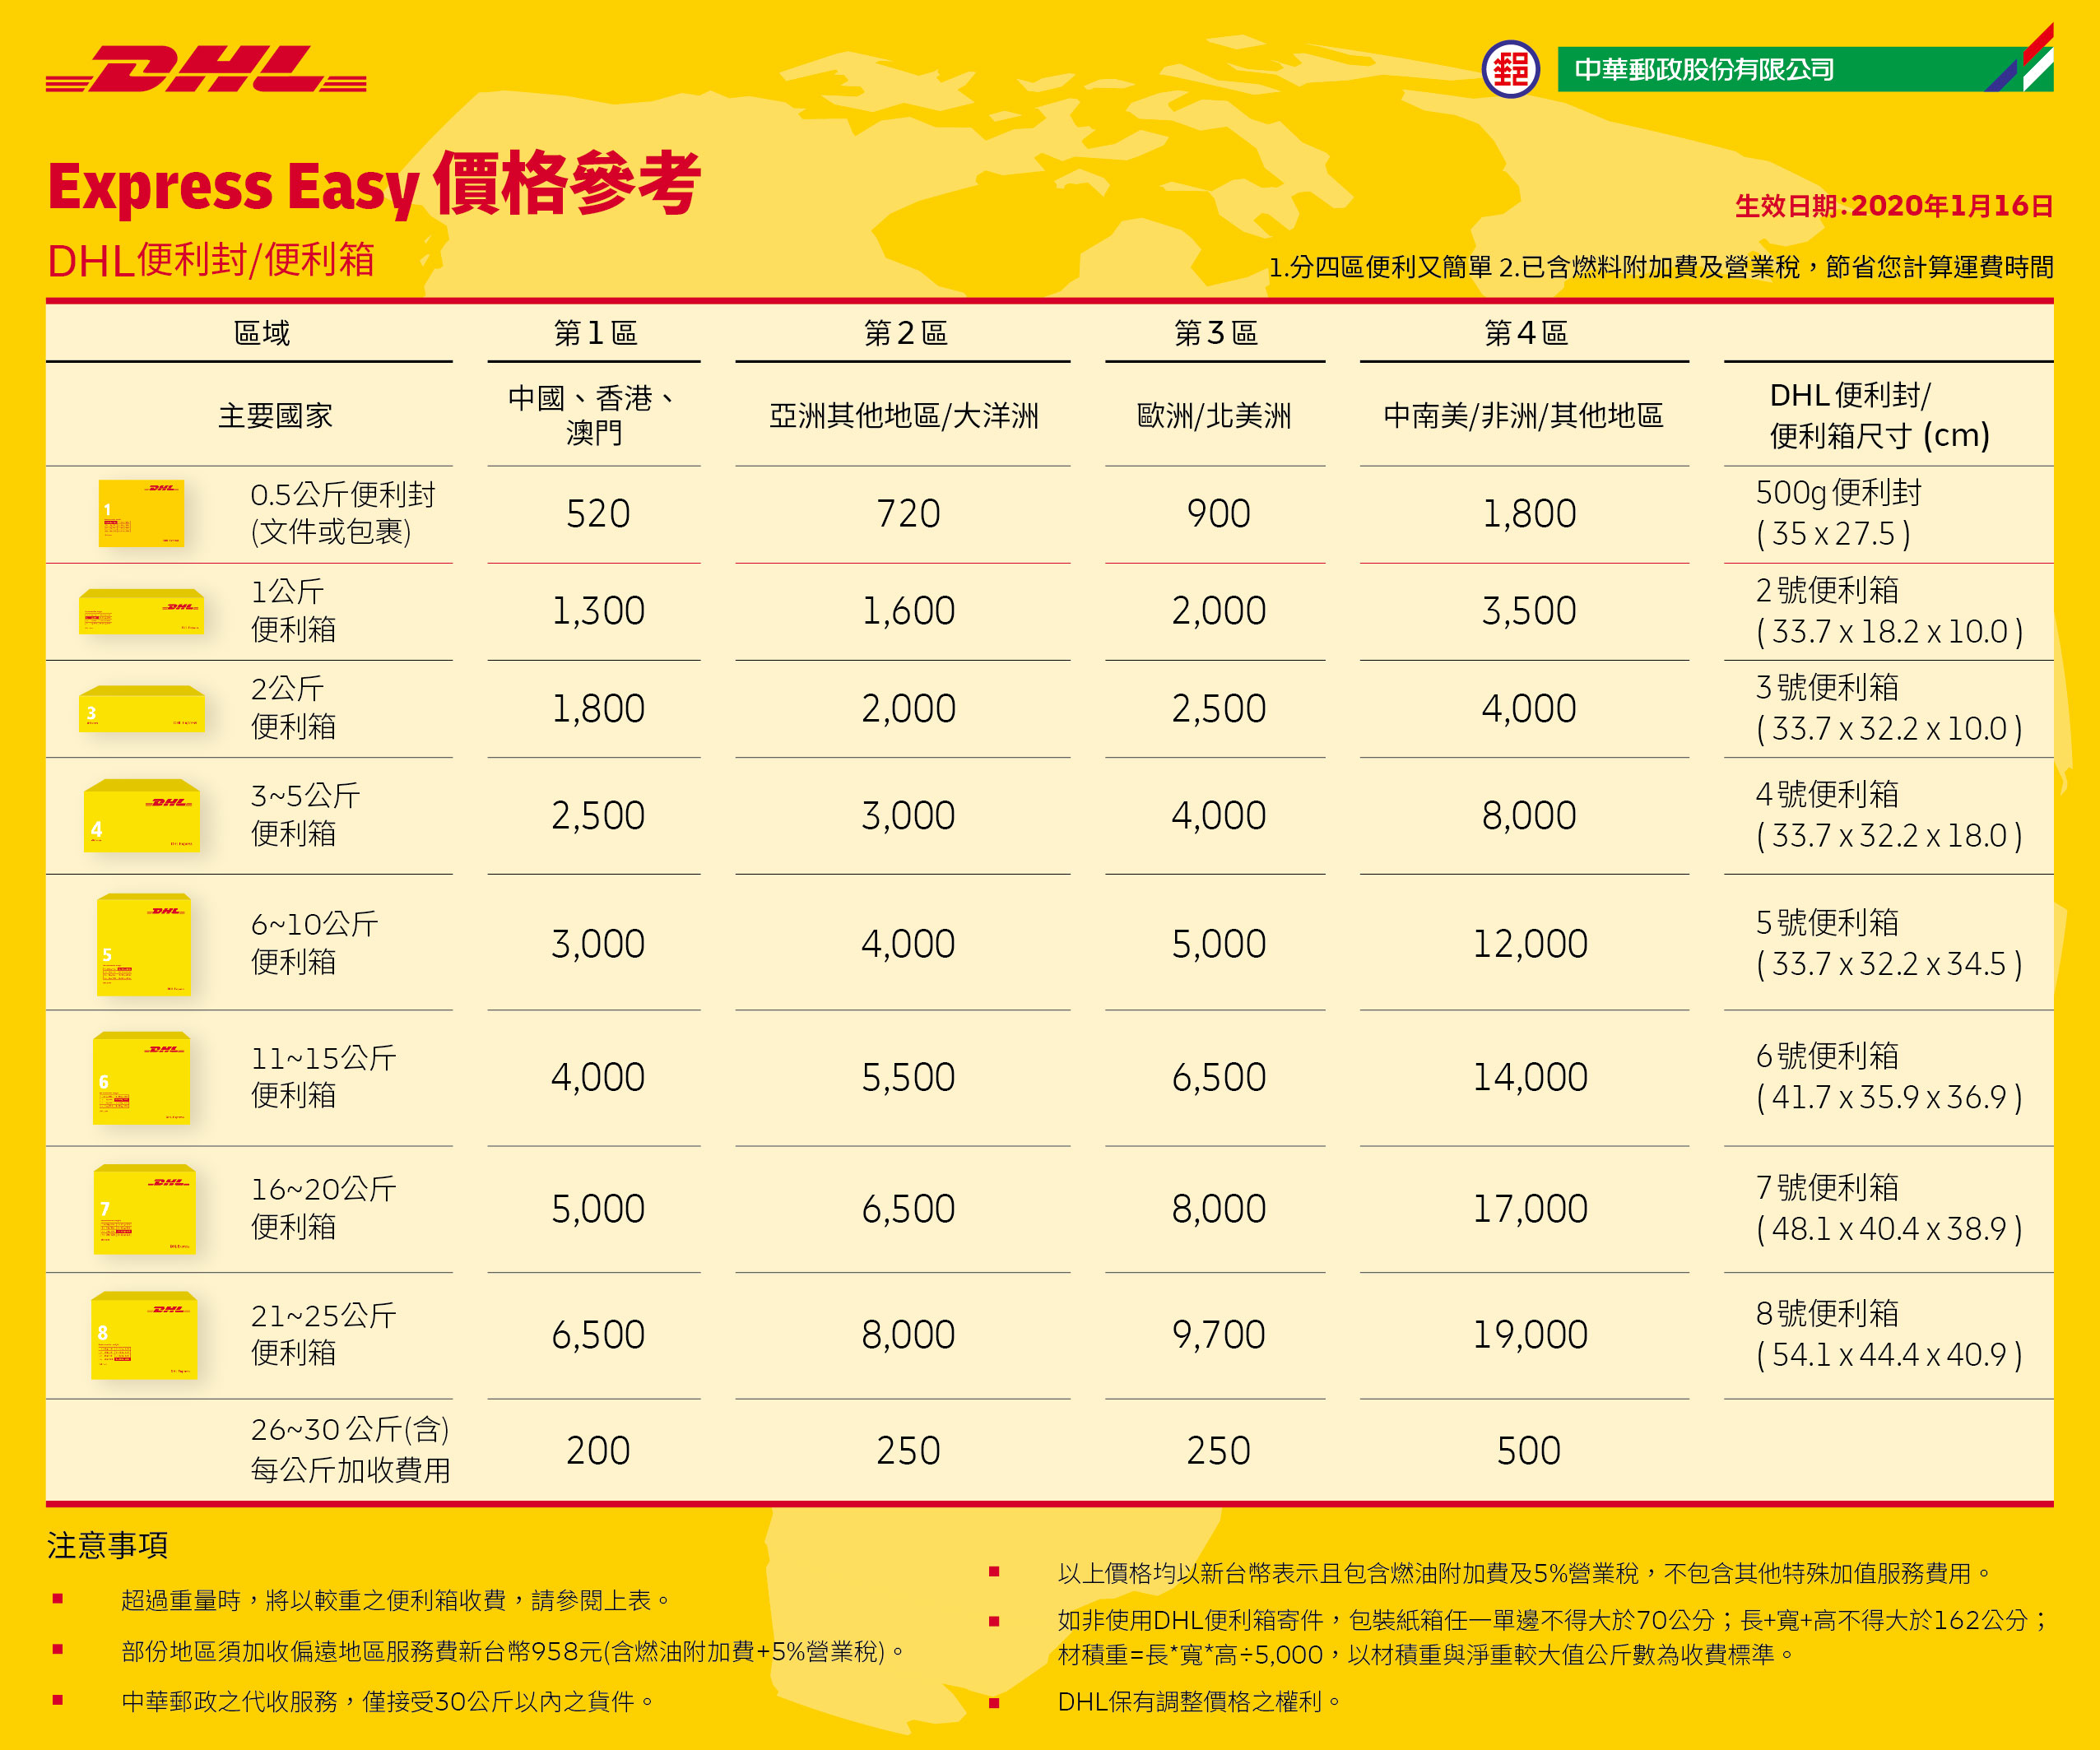 DHL郵局線上寄件 | DHL Express 臺灣 - DHL Express Taiwan